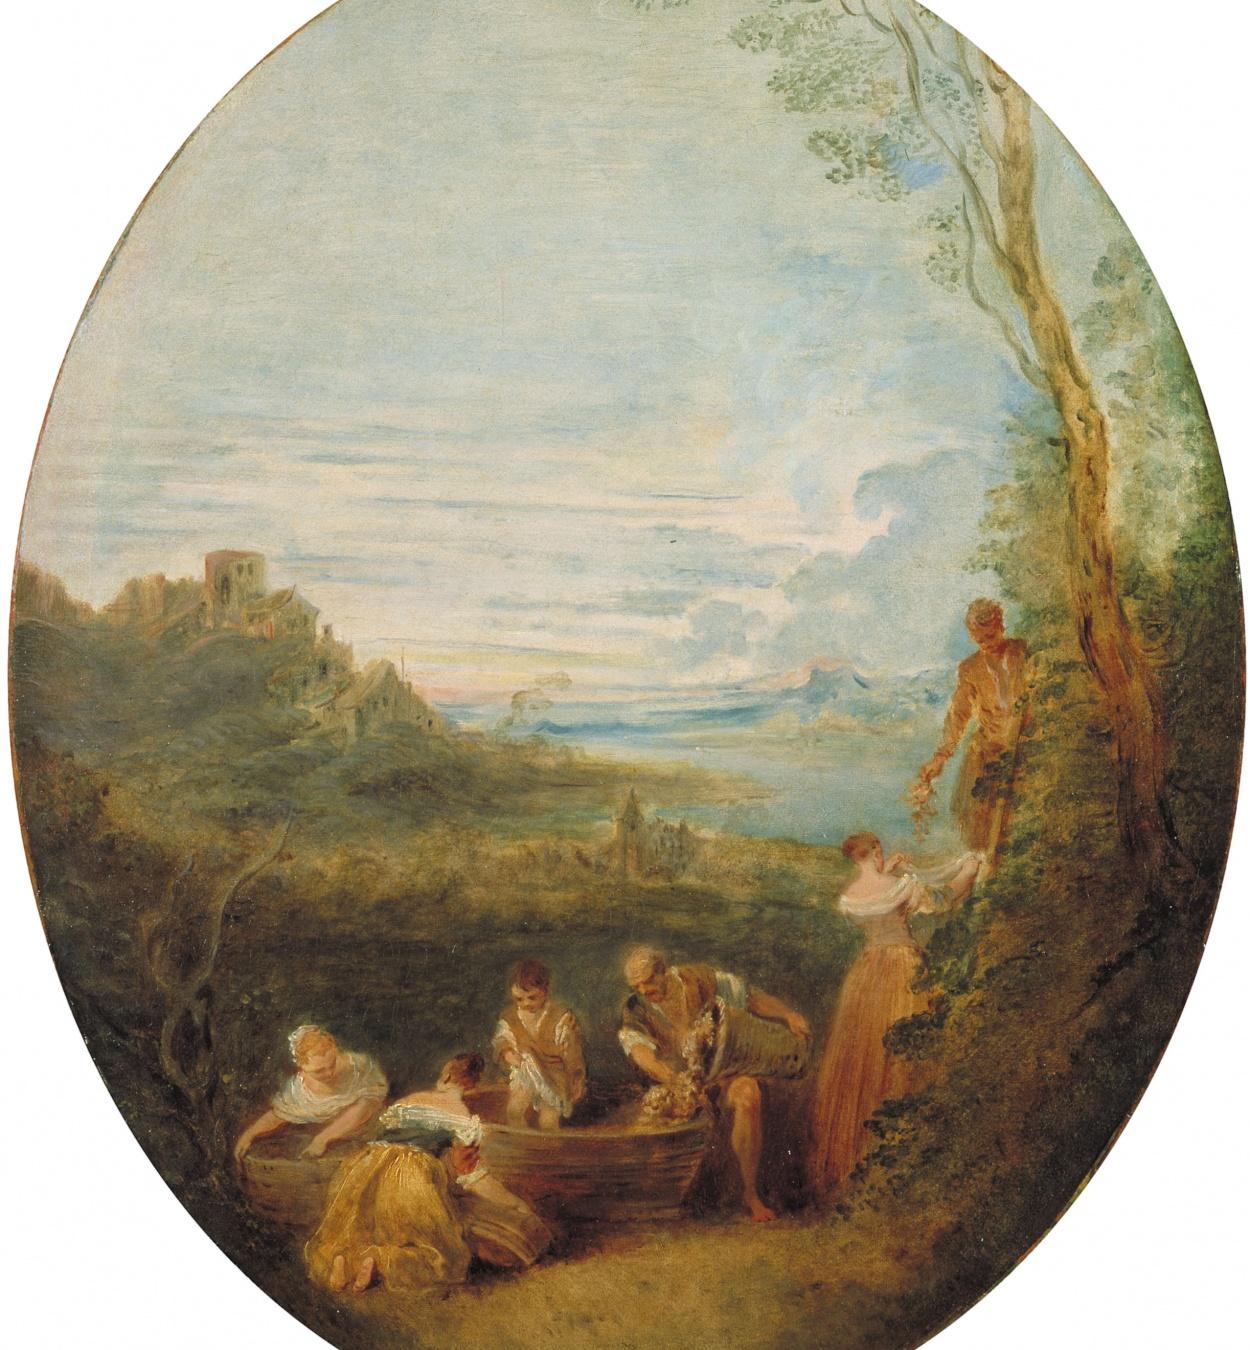 Jean-Baptiste Pater - La tardor - Cap a 1725